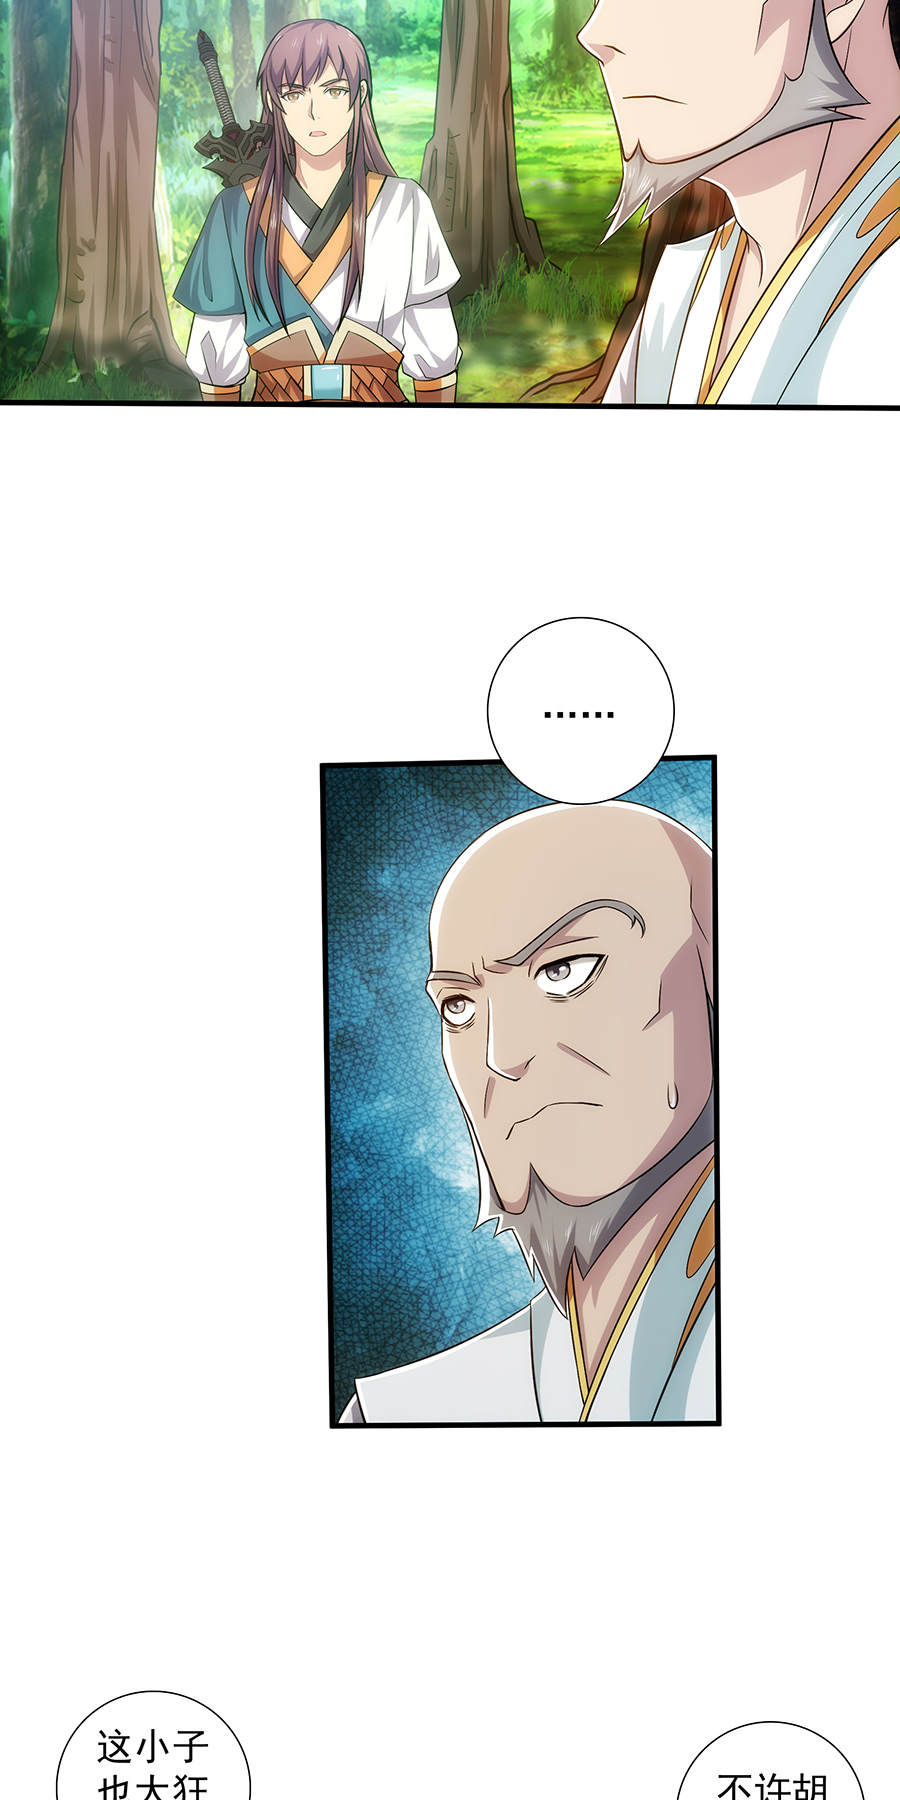 绝世剑神第46话  白鹤长老 第 3